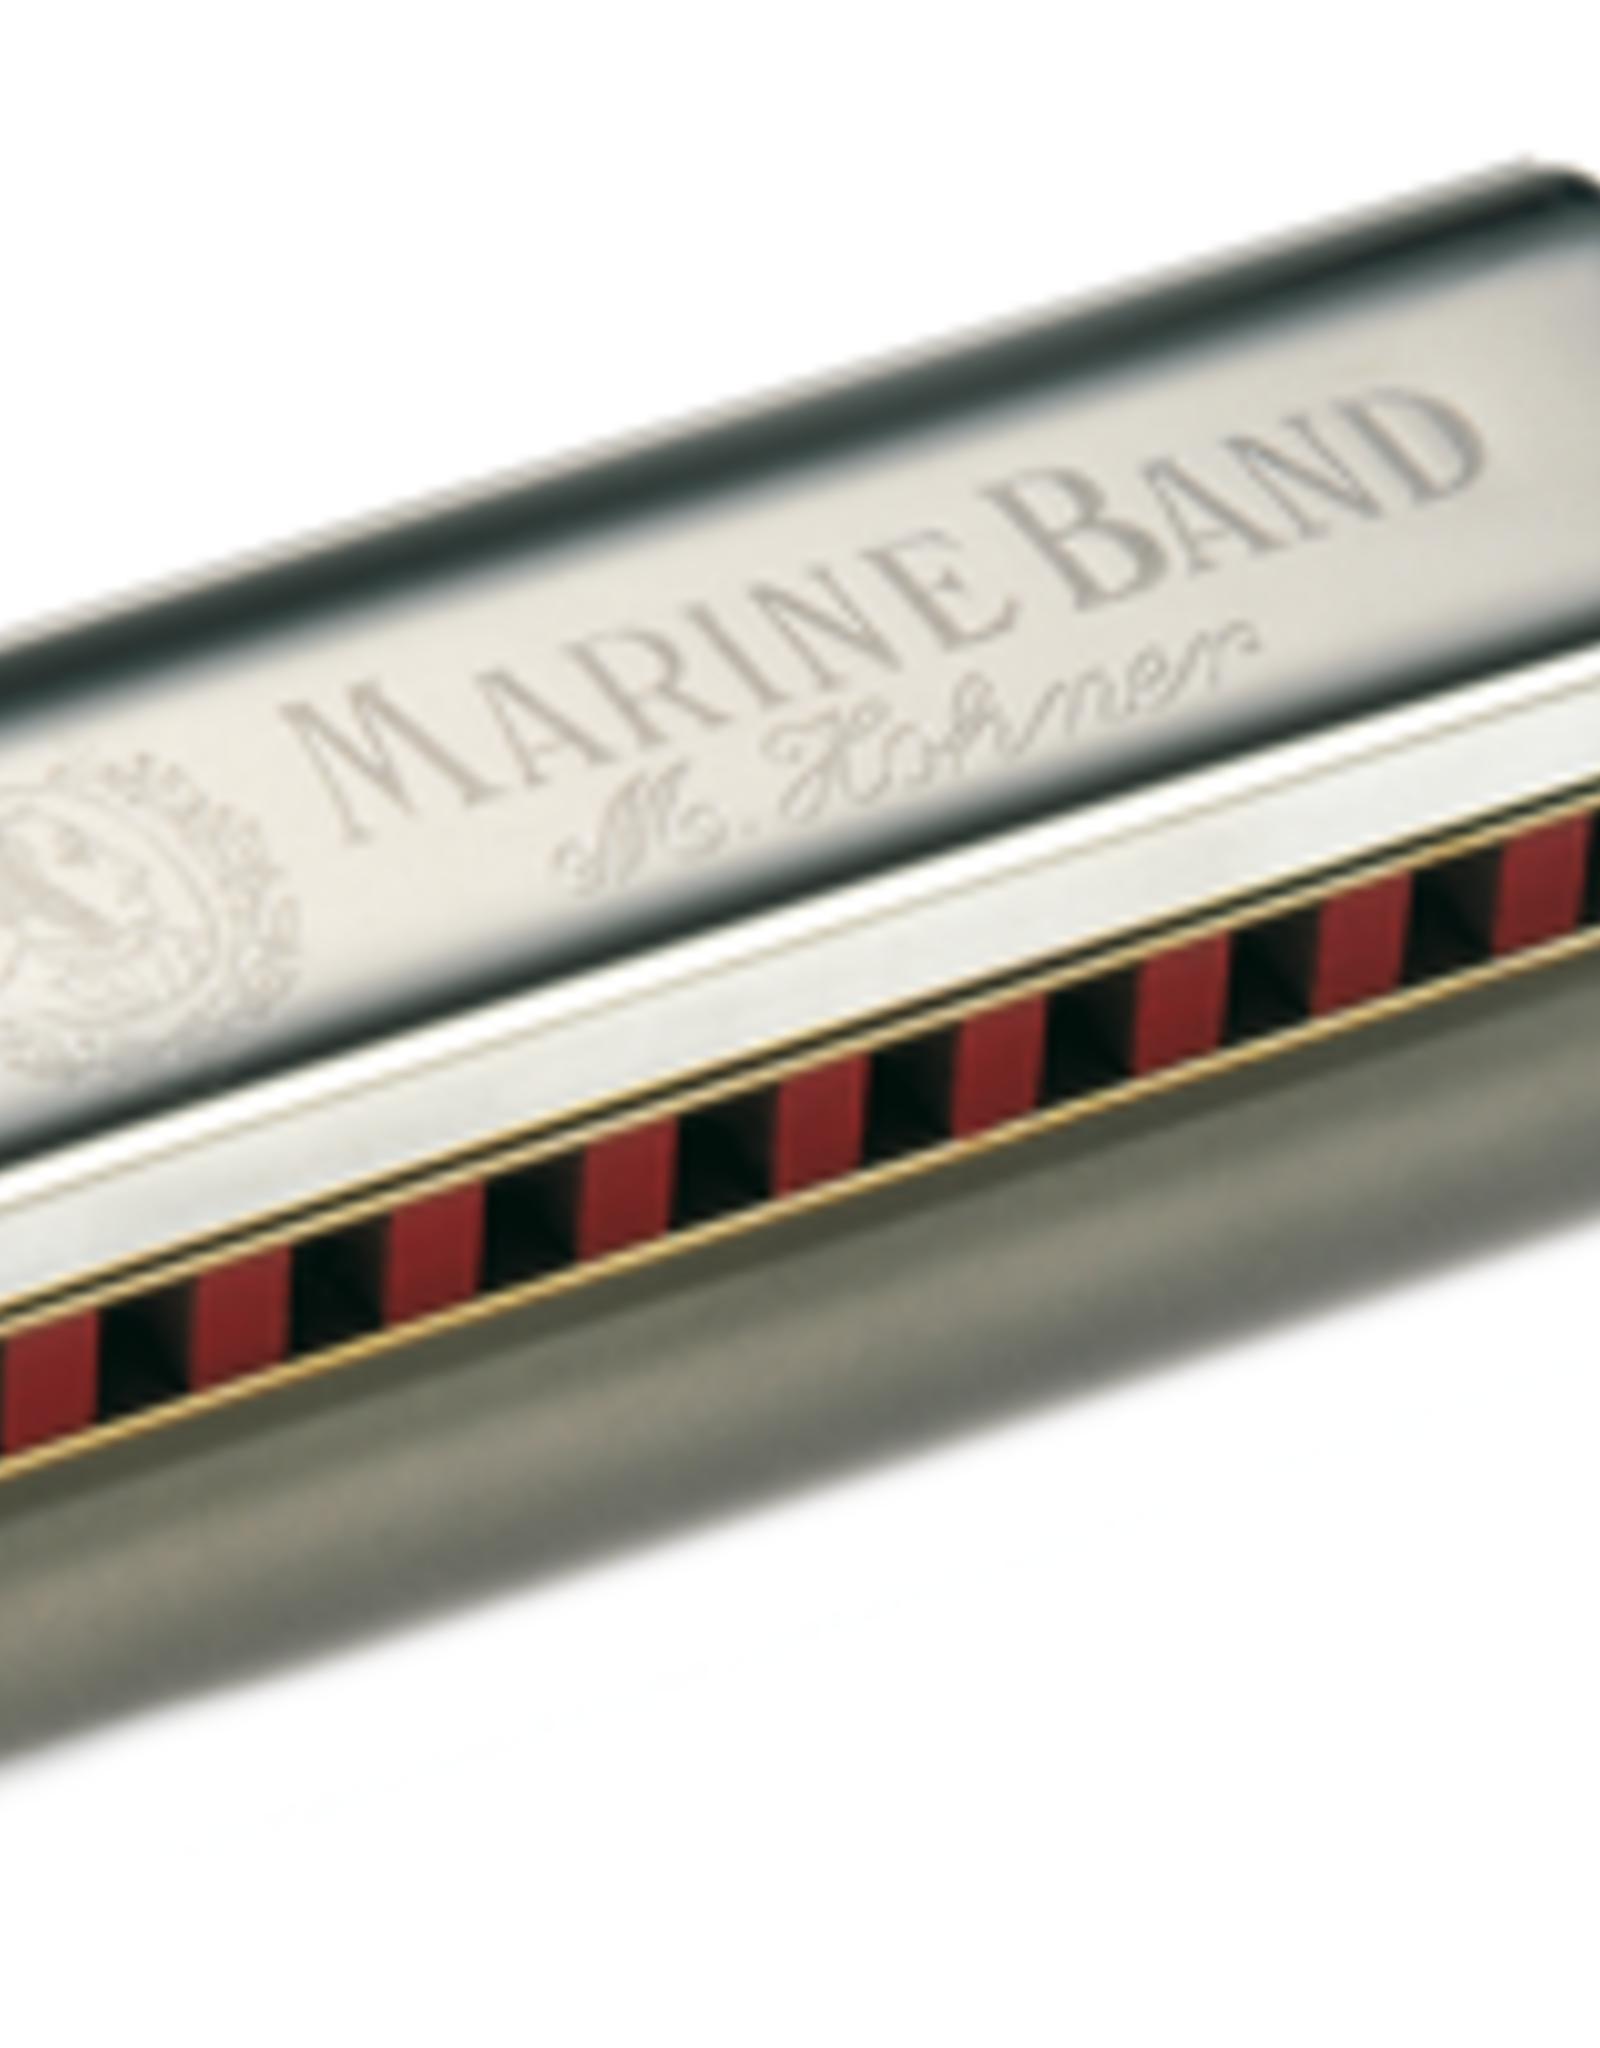 HOHNER Marine Band mondharmonica, C